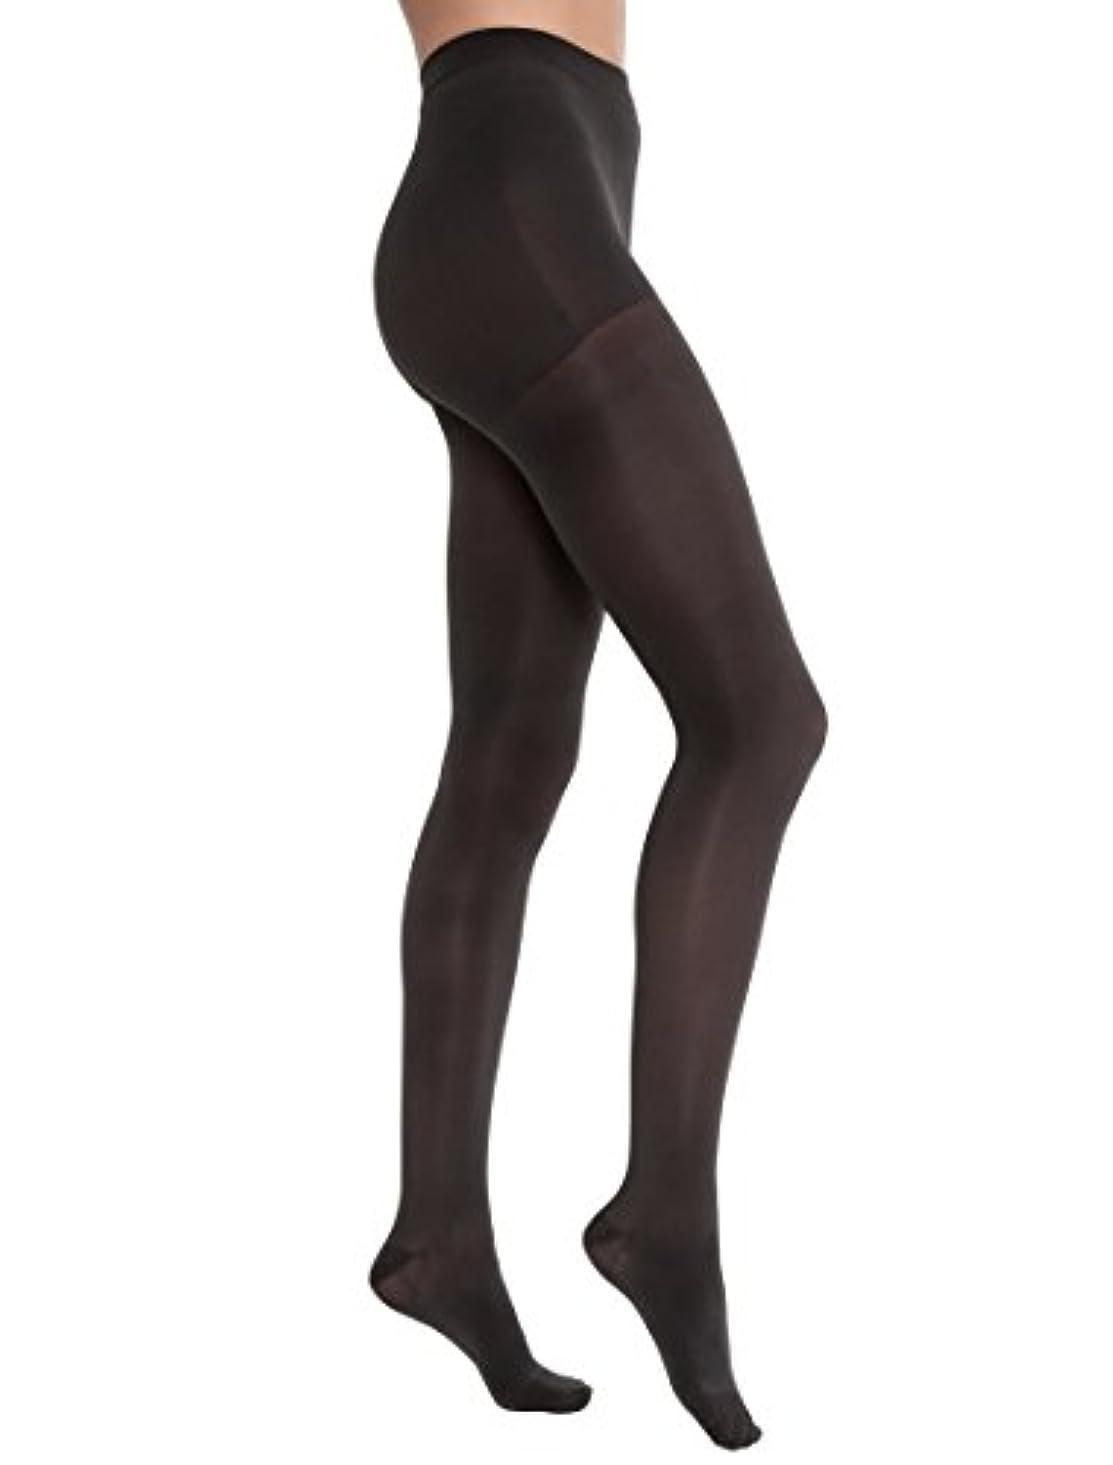 カニ近く食事Jobst 115158 Opaque Pantyhose 20-30 mmHg Firm Support - Size & Color- Classic Black Large